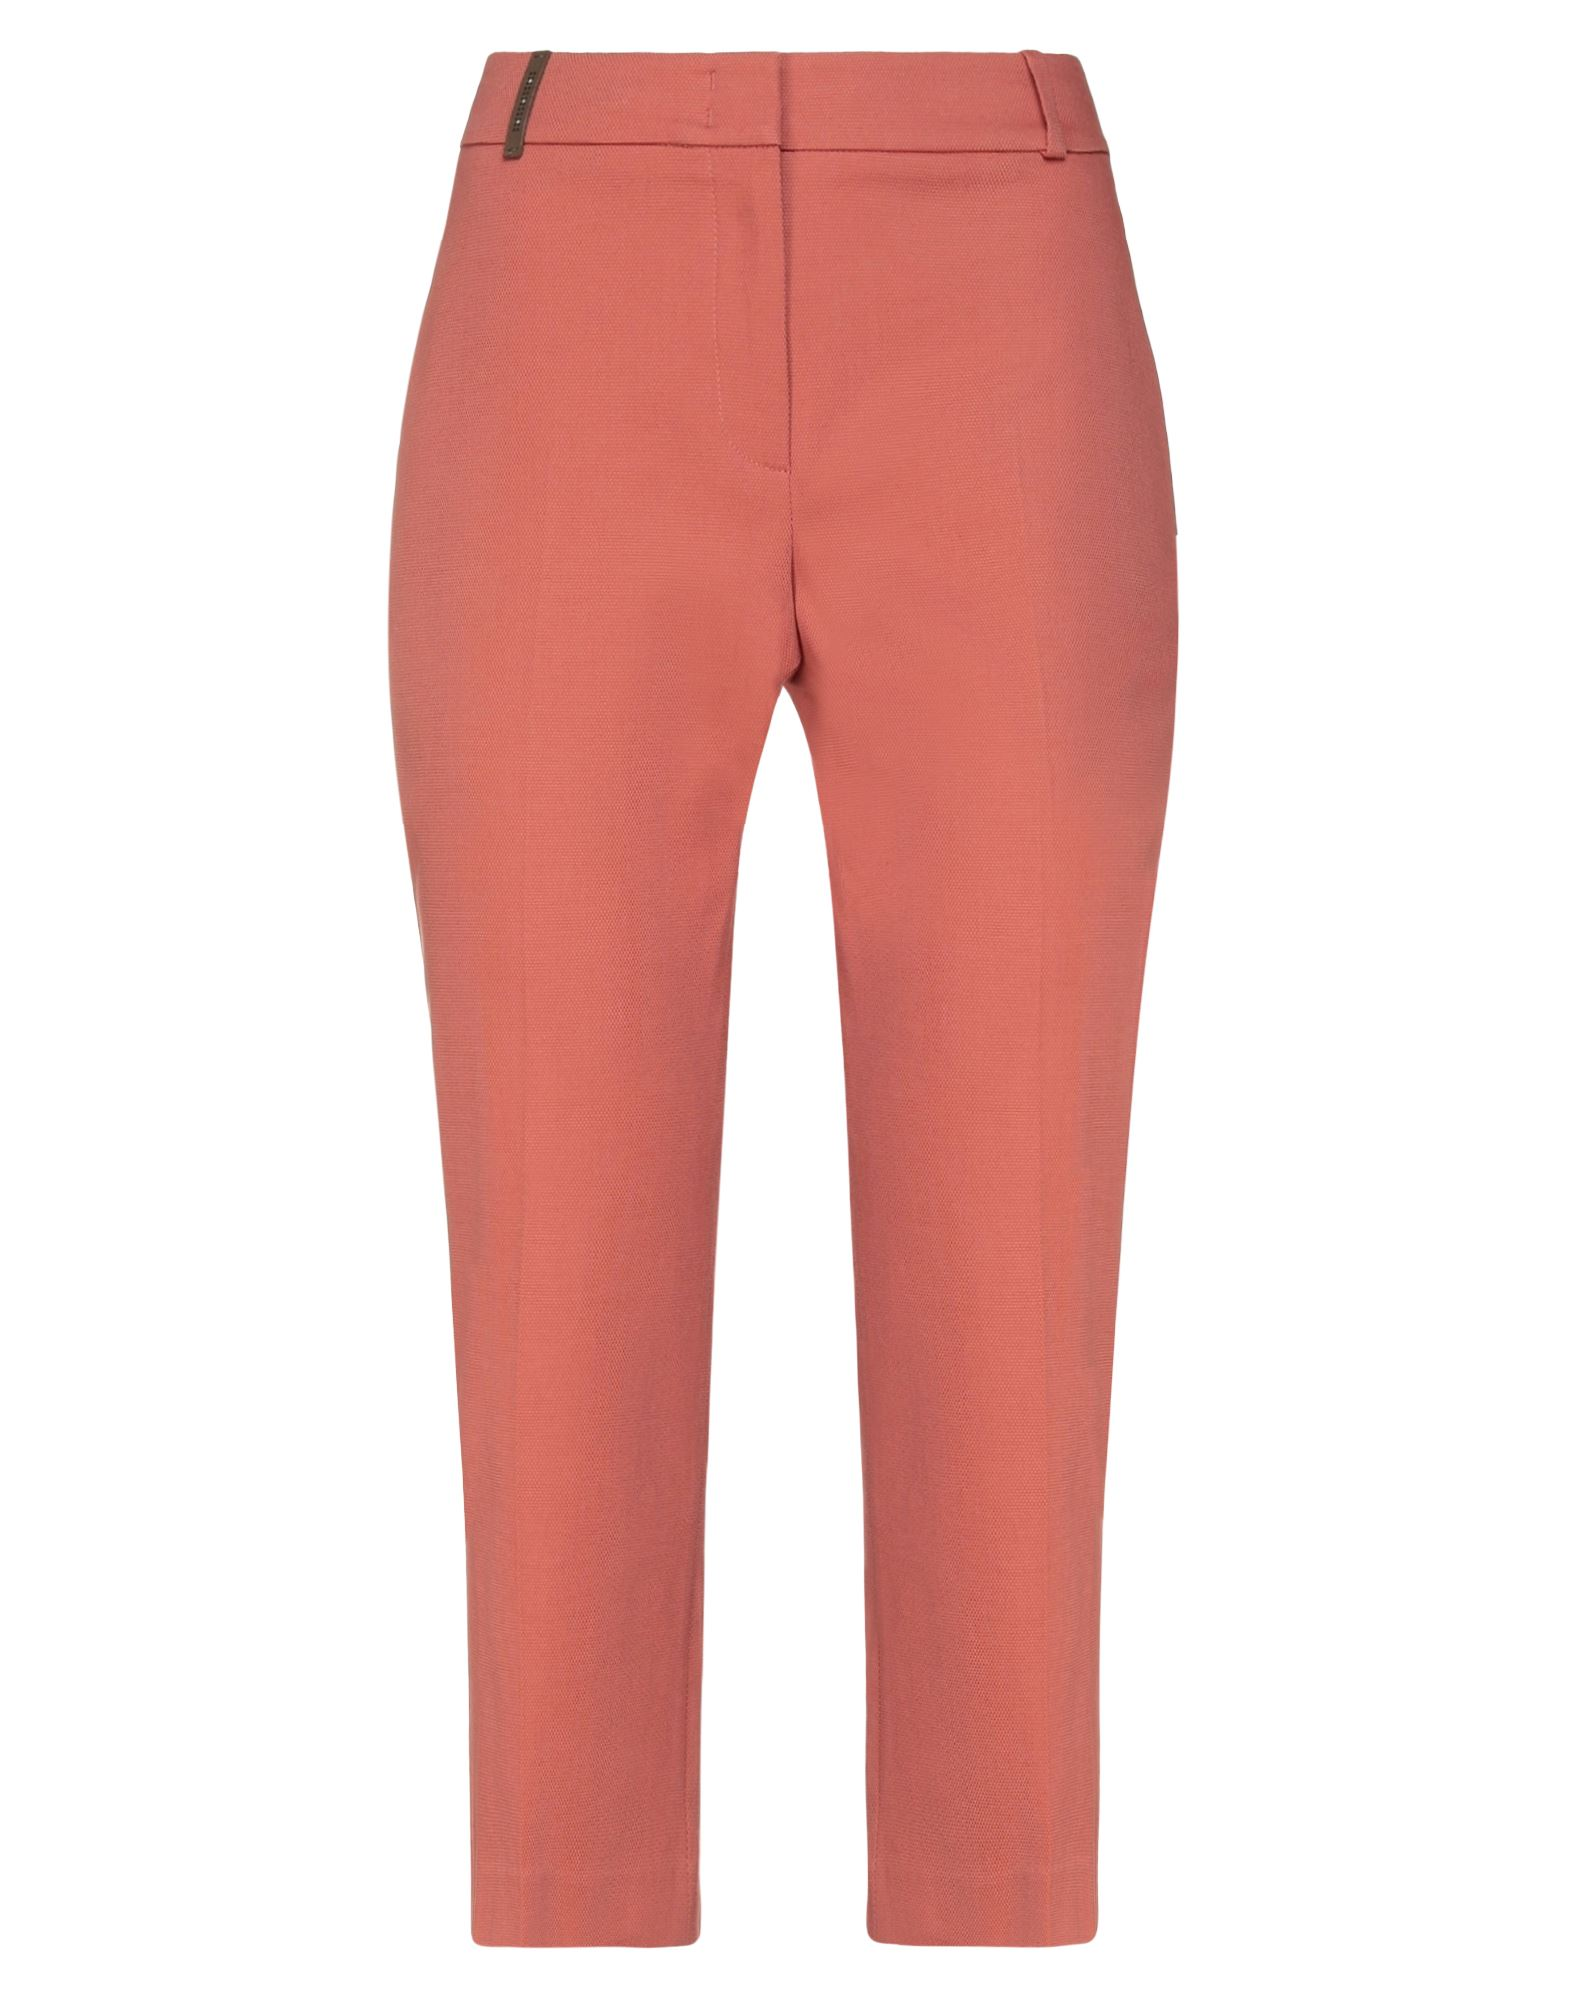 PESERICO 3/4-length shorts - Item 13549747